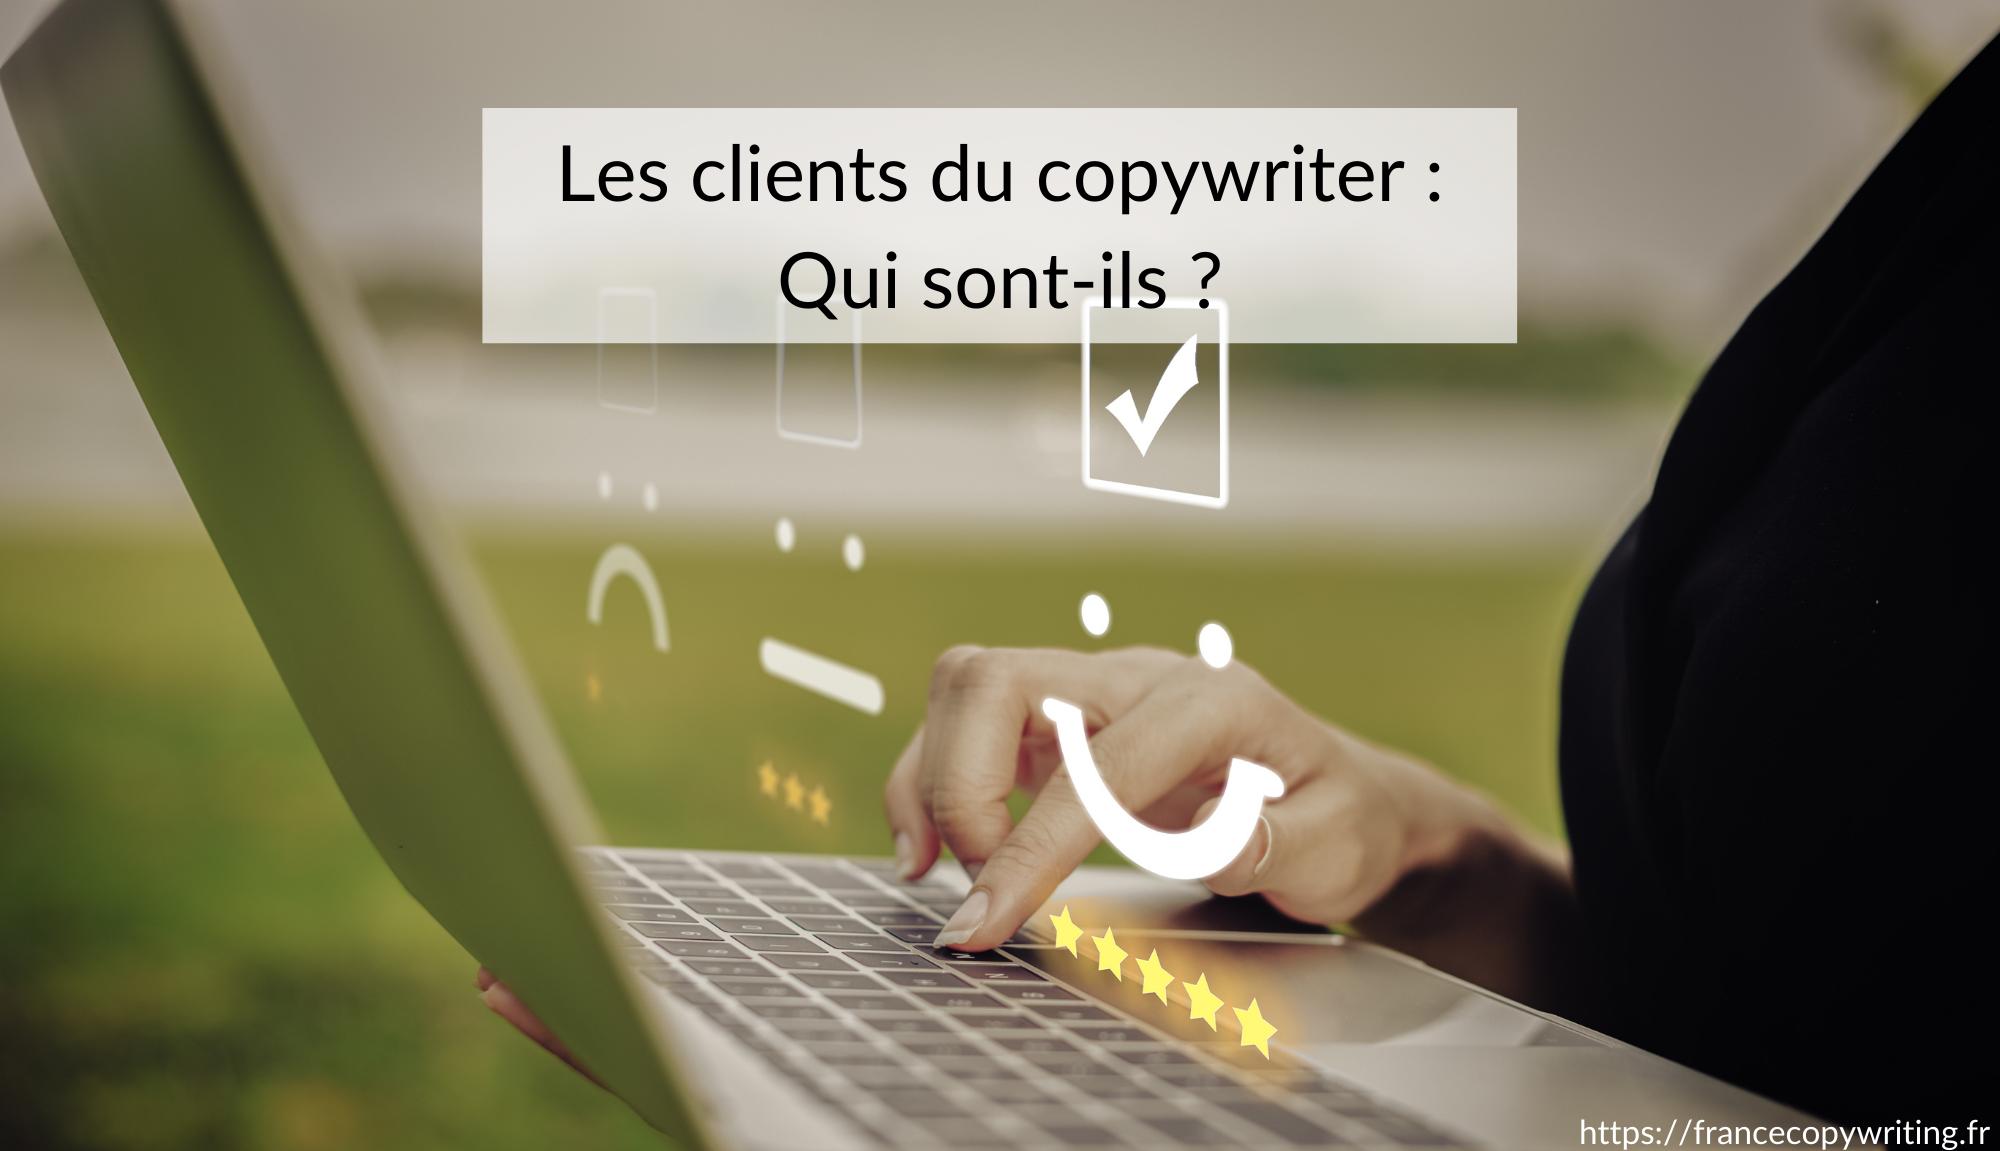 Les clients du copywriter : Qui sont-ils ?